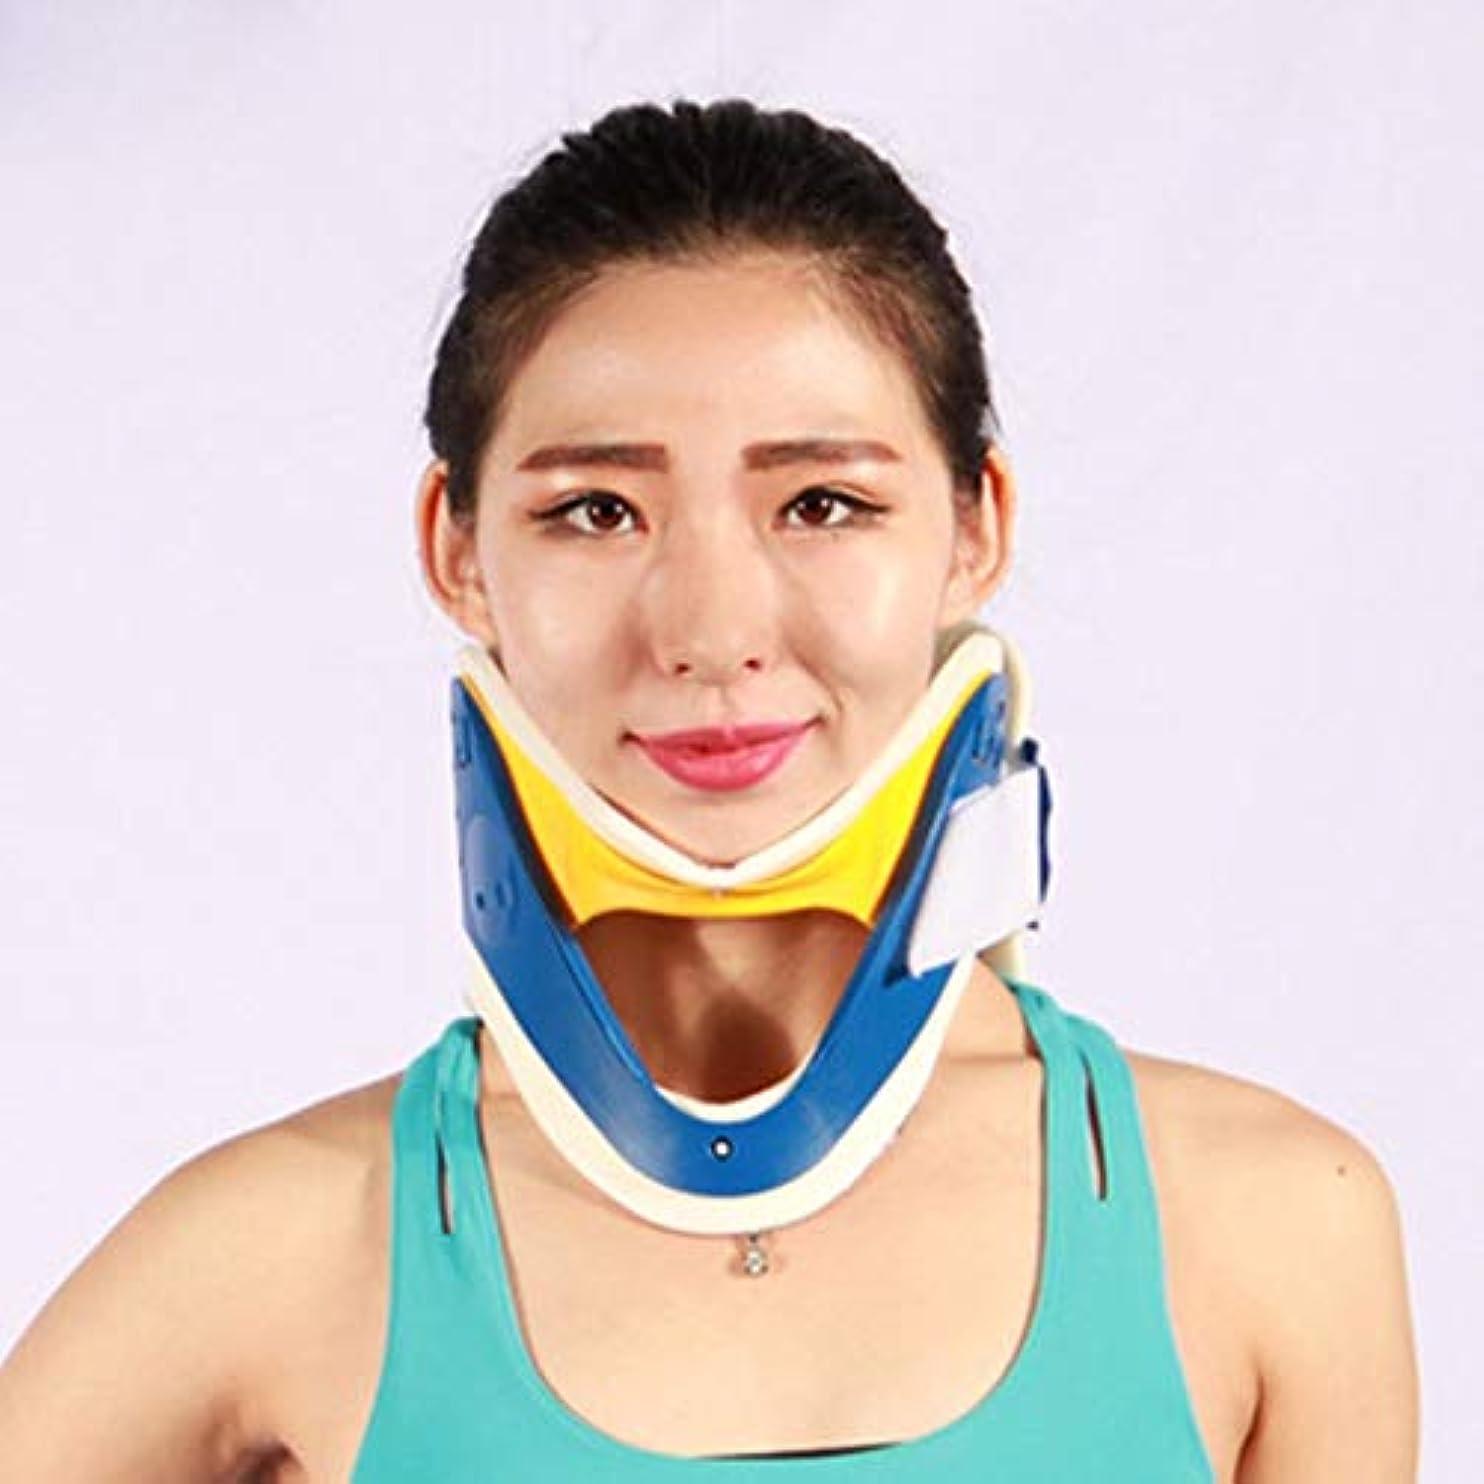 散歩に行く失望させるポーズAAcreatspace快適なネックブレース医療頸部首首サポートイモビライザー首の痛みを軽減首トラクター装具ブレース